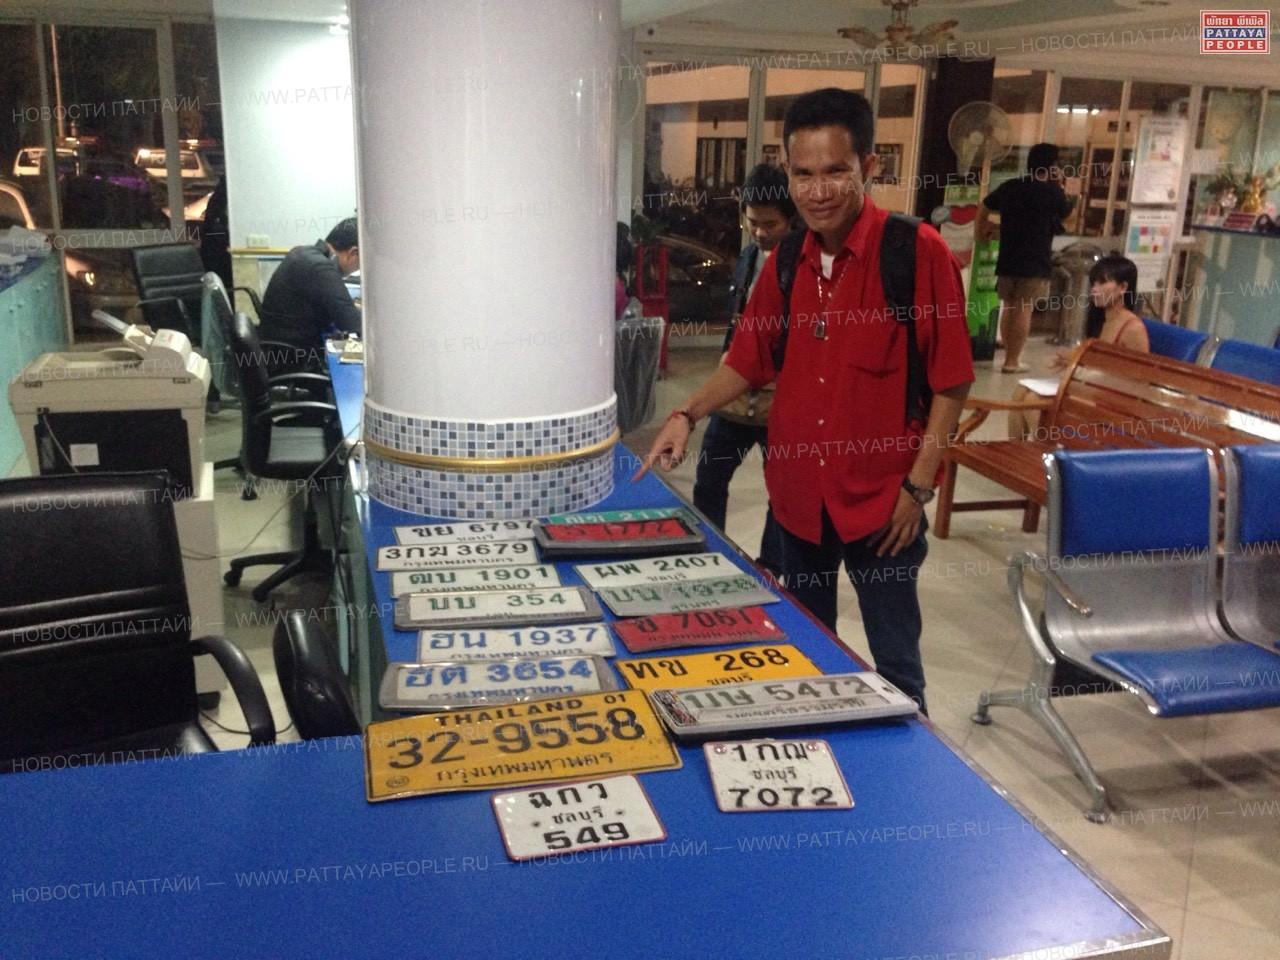 Уплывшие номерные знаки в Паттайе(1)